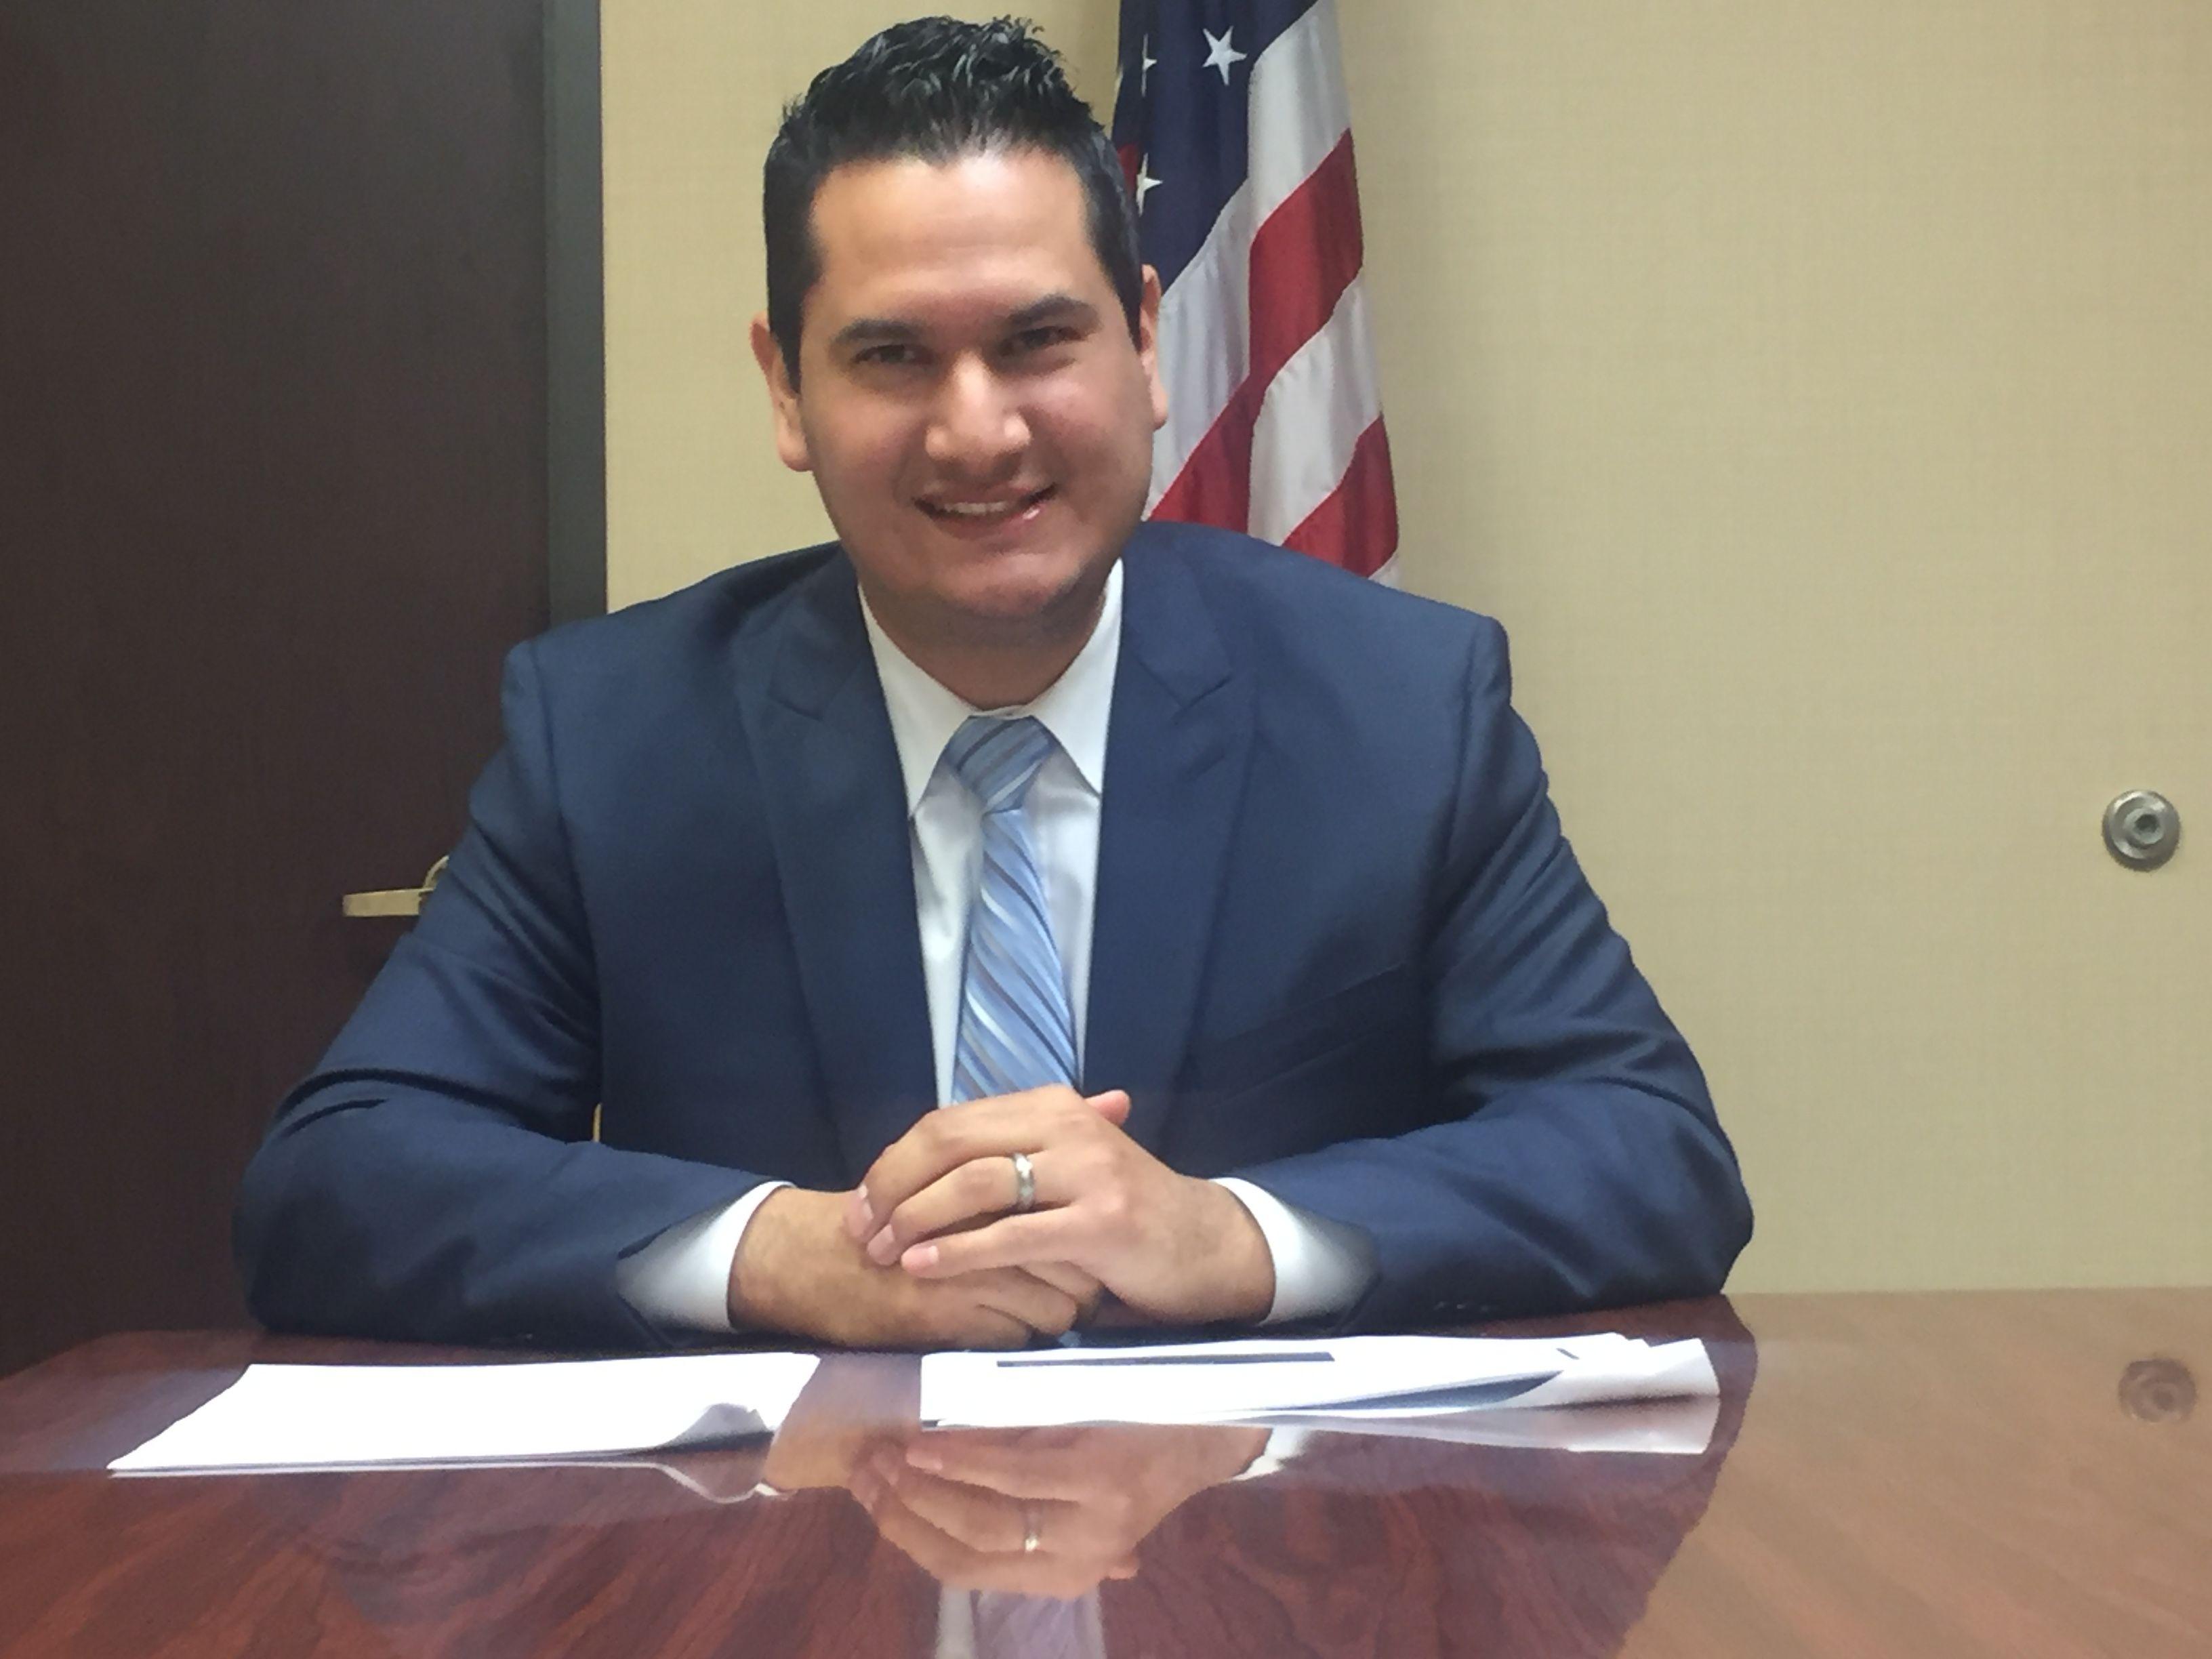 Attorney Nicolas Arroyo Suit Jacket Suits Jackets